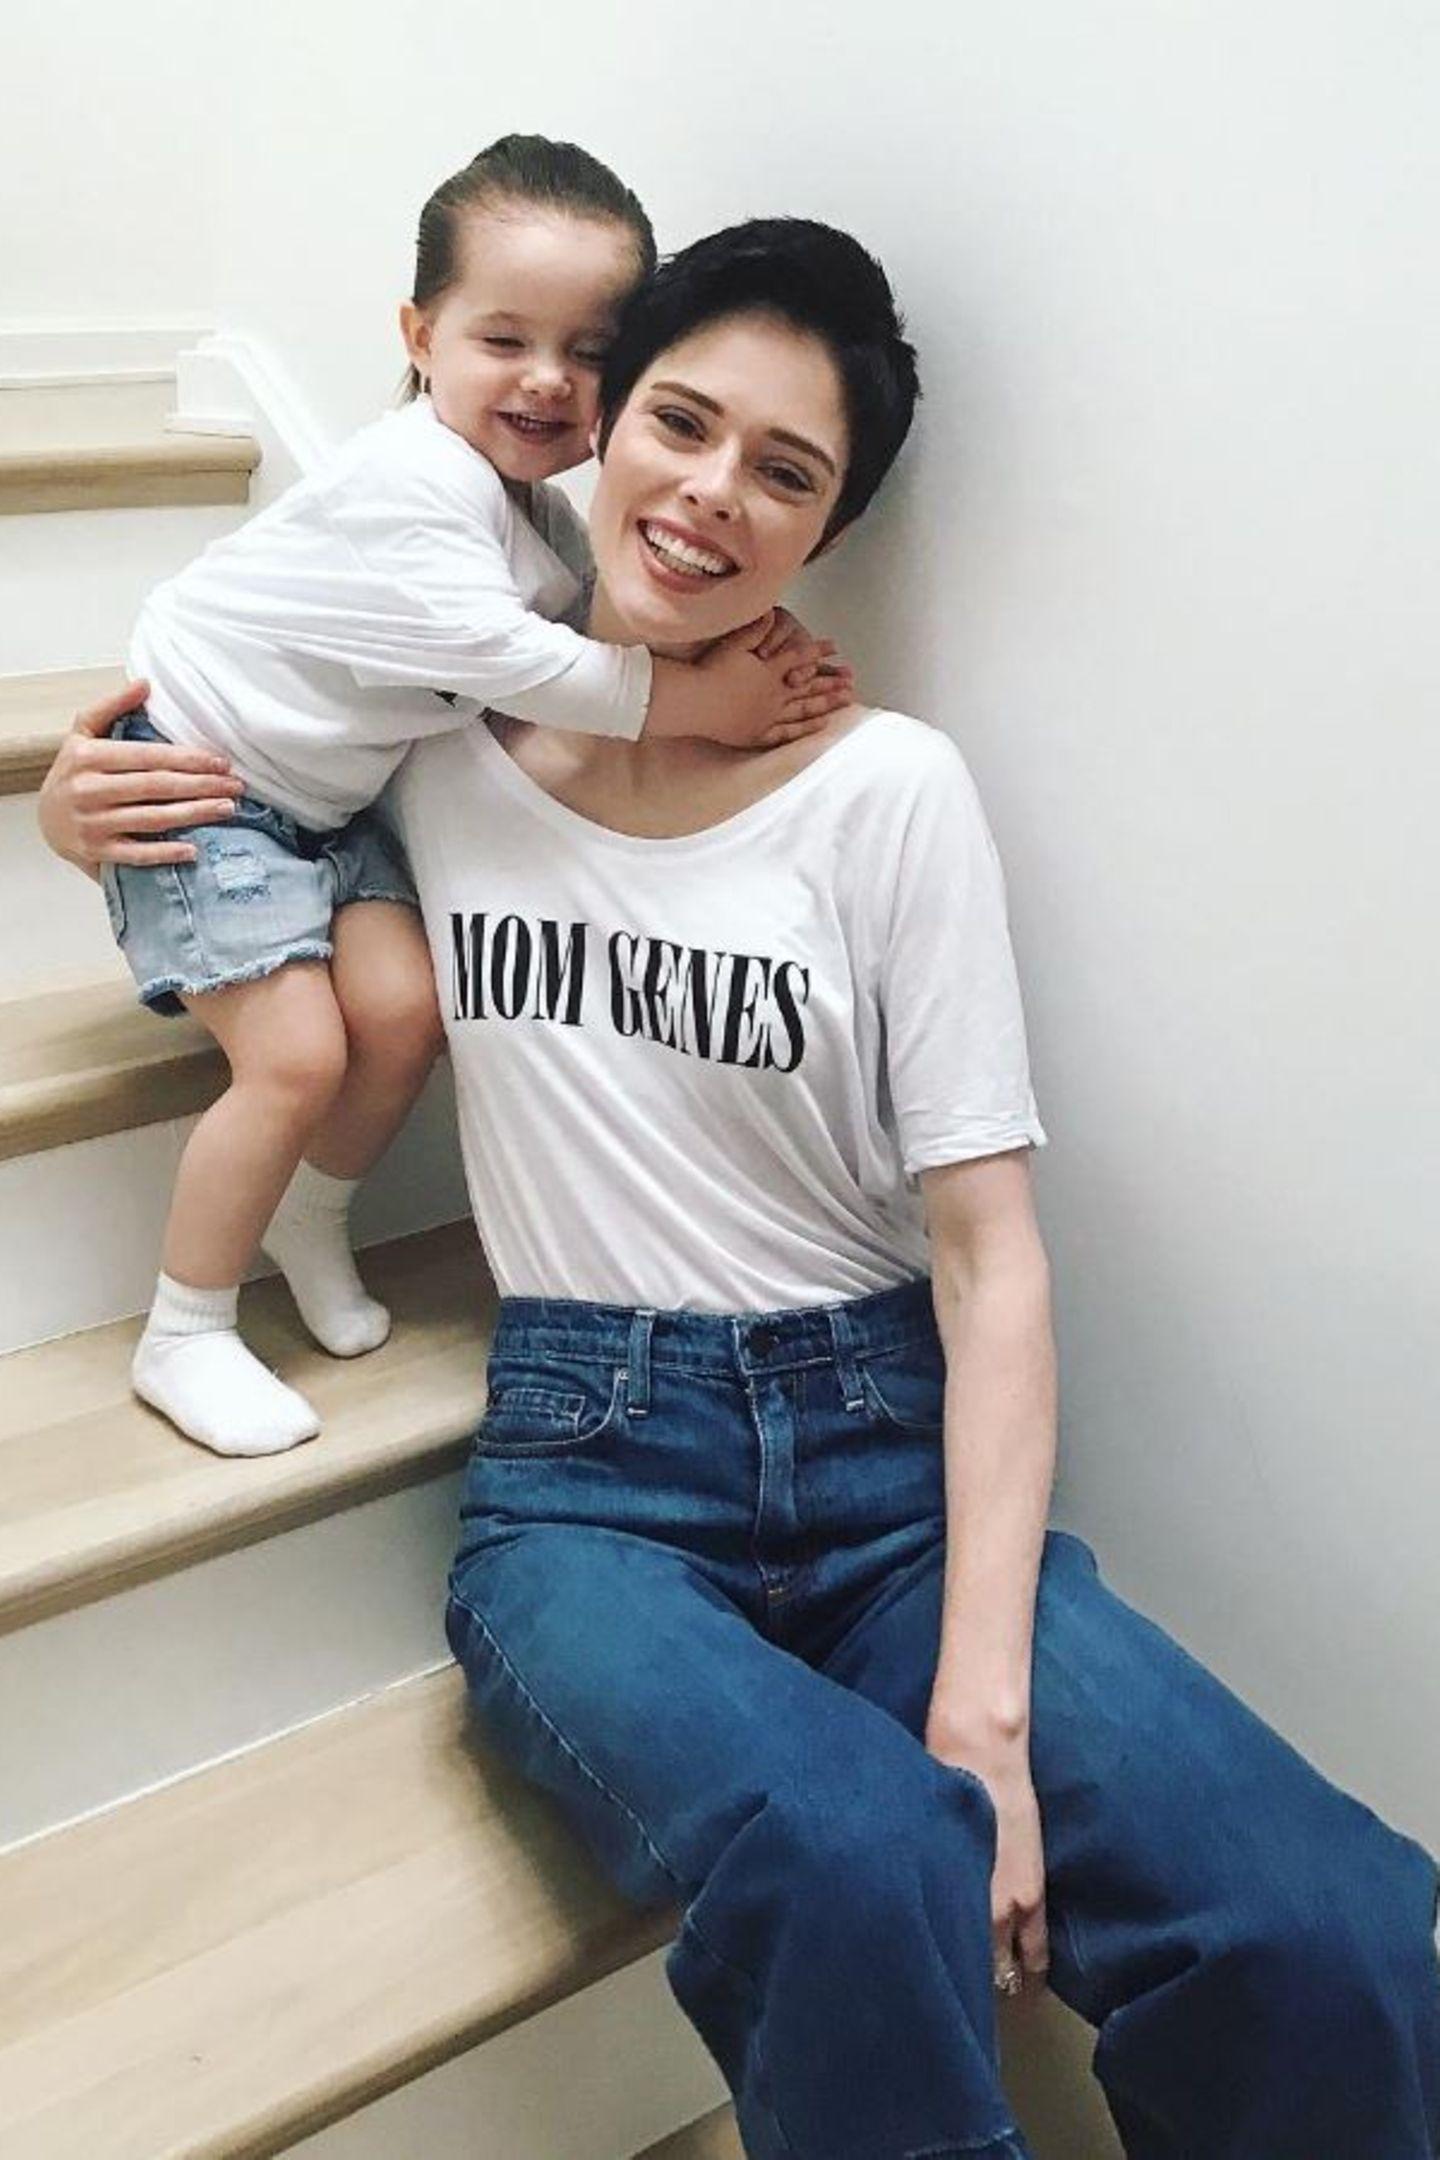 """Zum Knuddeln findet Töchterchen Ioni ihre Mama Coco Rocha in ihrem """"Mom Genes""""-T-Shirt. Mit dem Erlös der Shirts wird die Organisation """"Best Buddies"""" unterstützt, die sich für die Integration vonMenschen mit Behinderung einsetzt."""